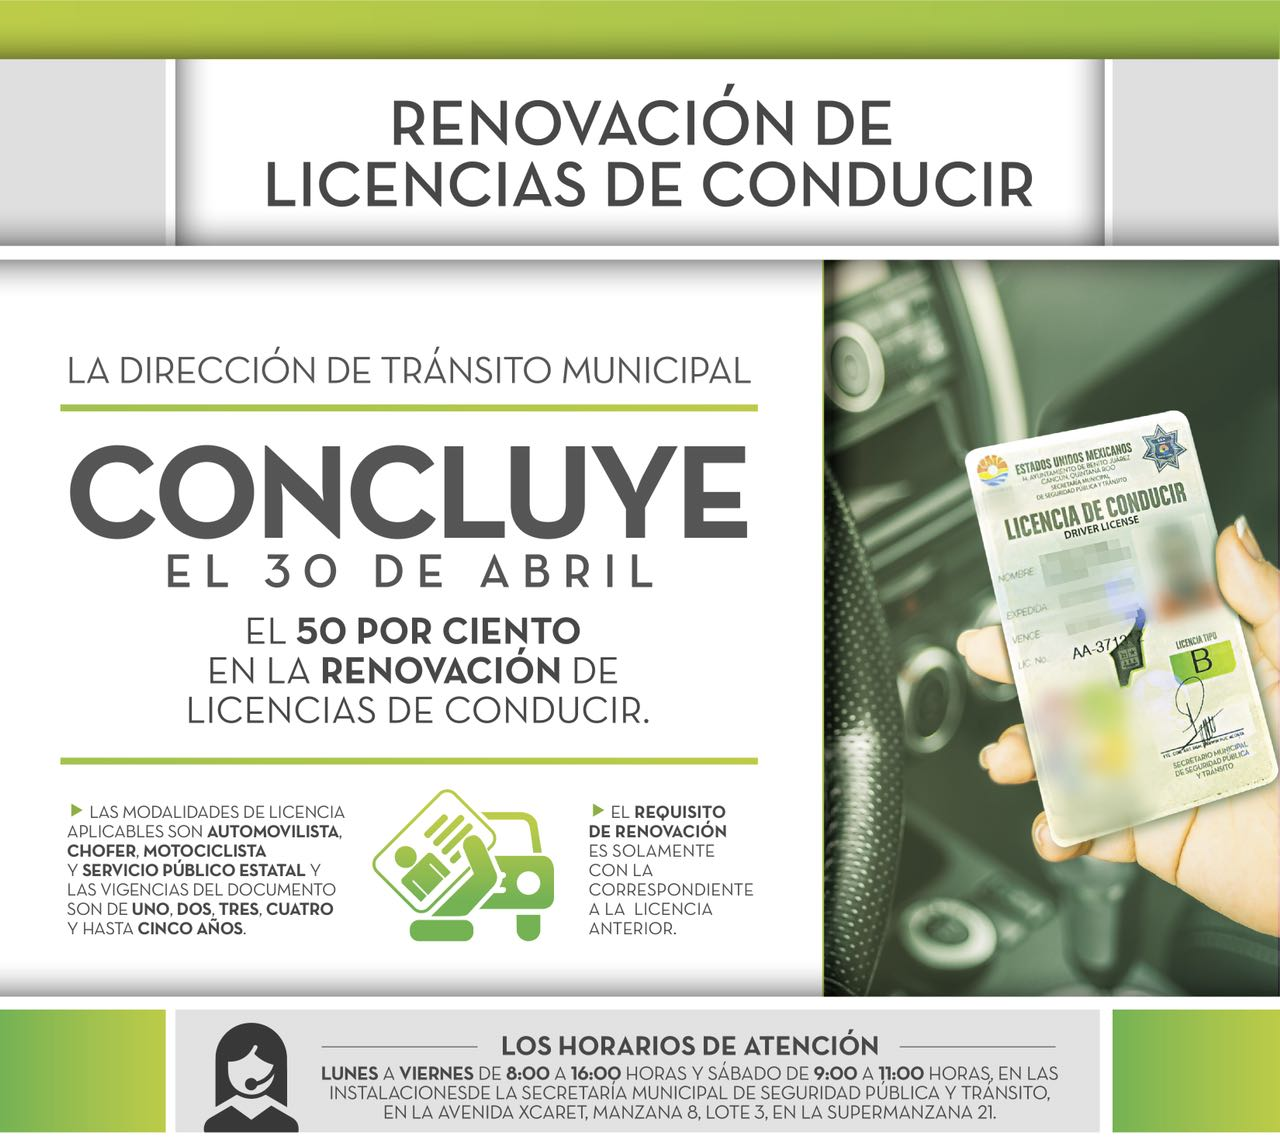 50 De Descuento En Licencias En Cancún Pedro Canché Noticias